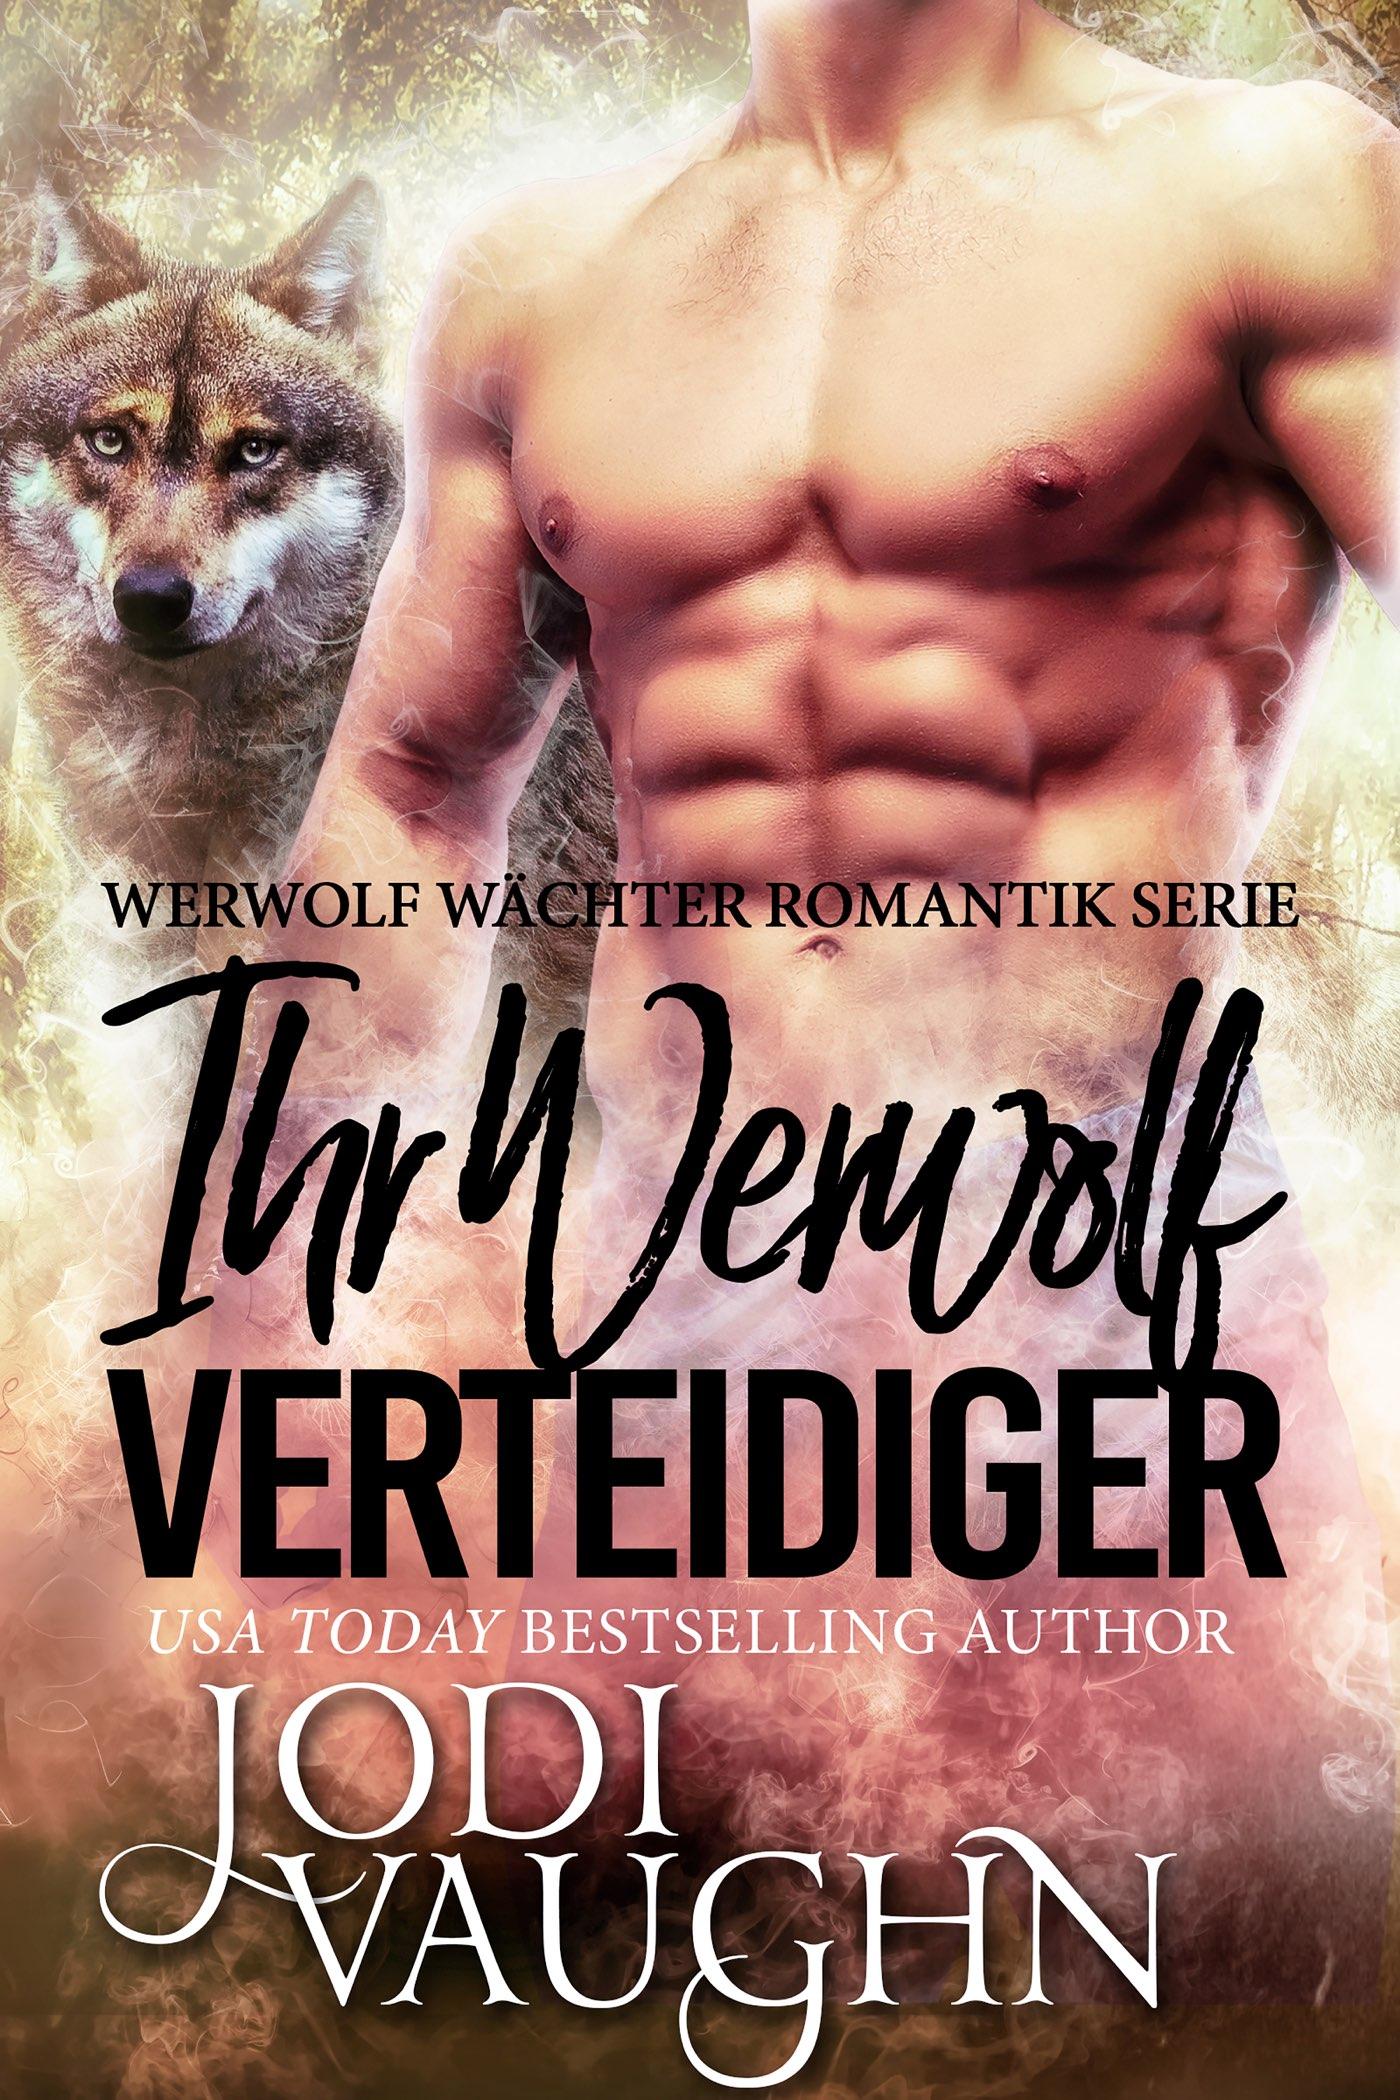 Ihr Werwolf Verteidiger